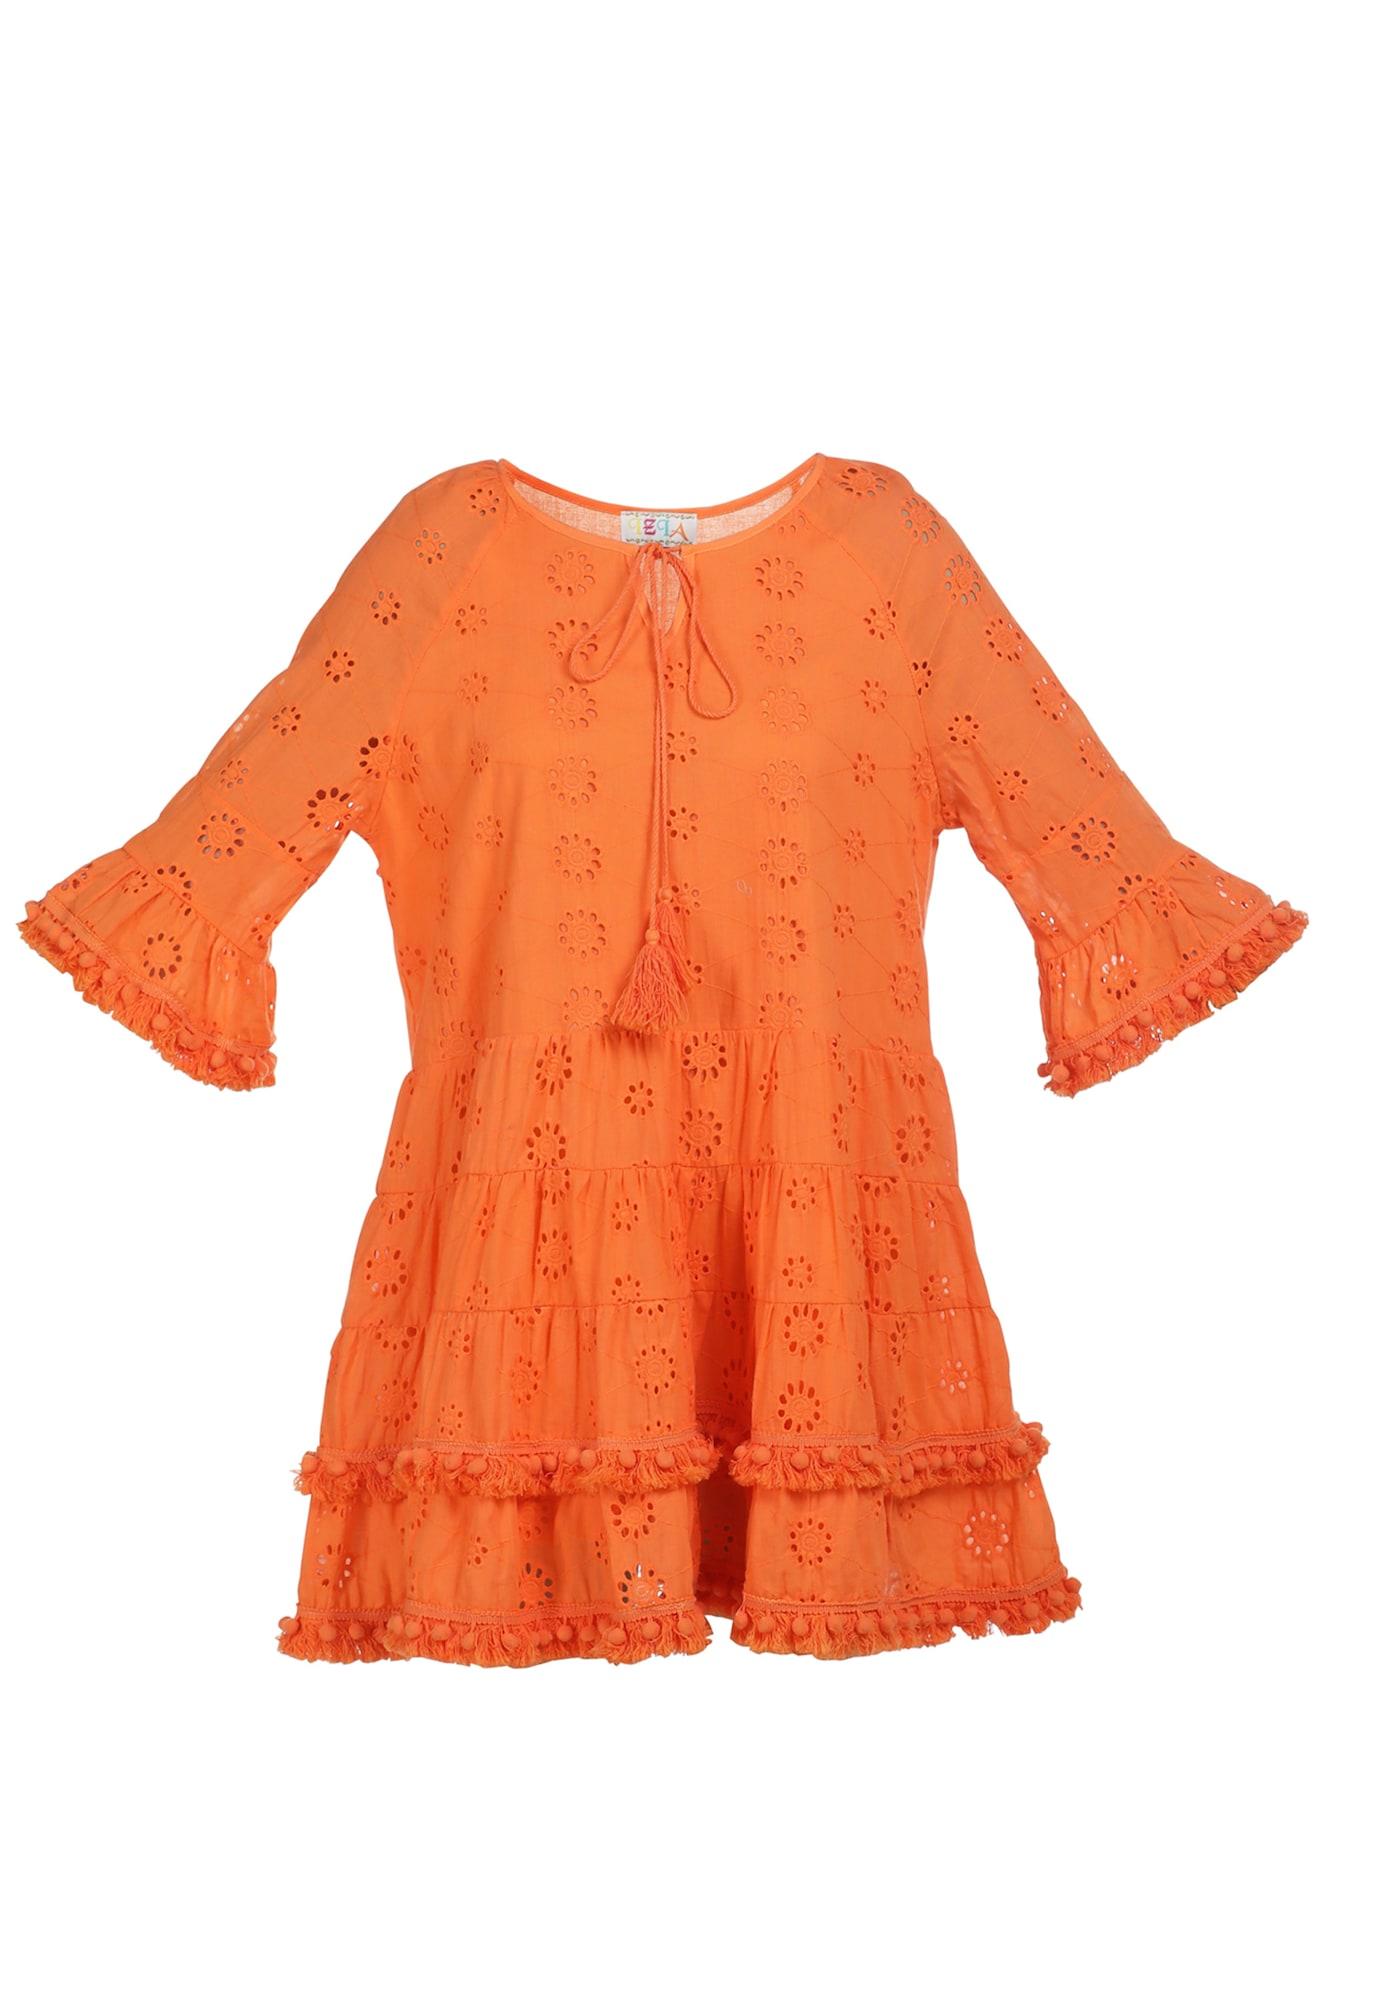 IZIA Vasarinė suknelė oranžinė